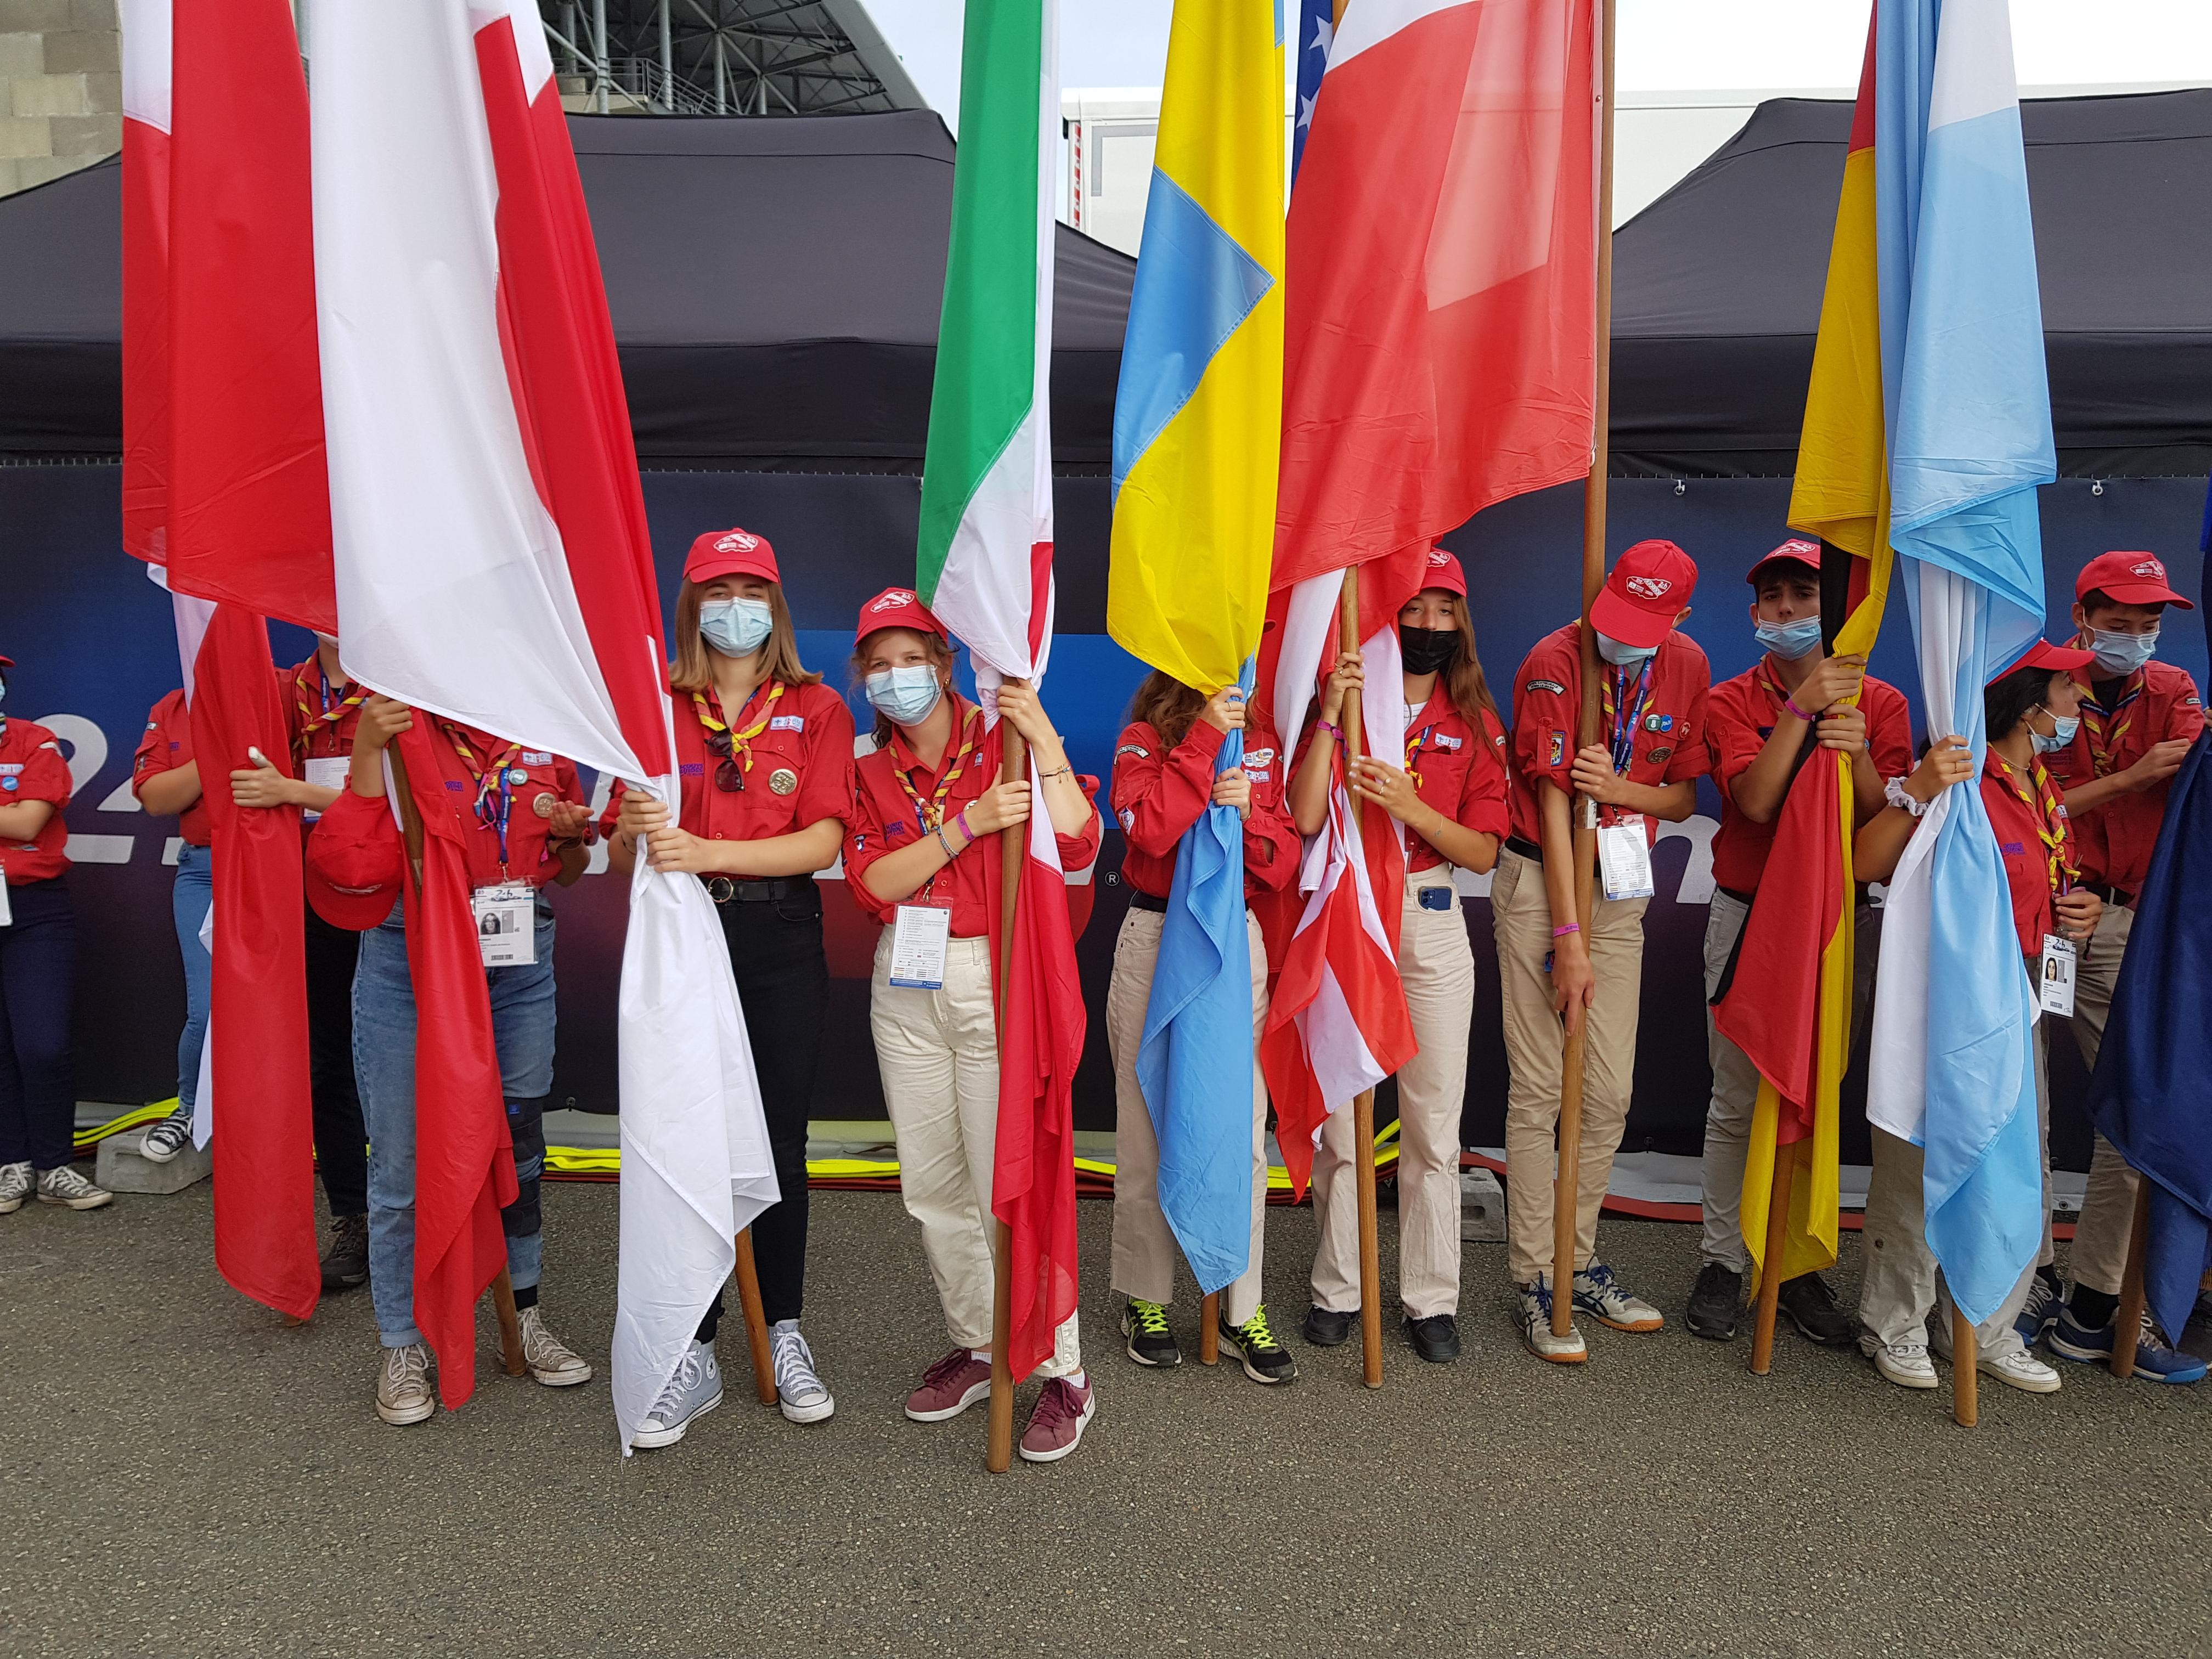 Les Drapeaux portés par les Scouts [2]